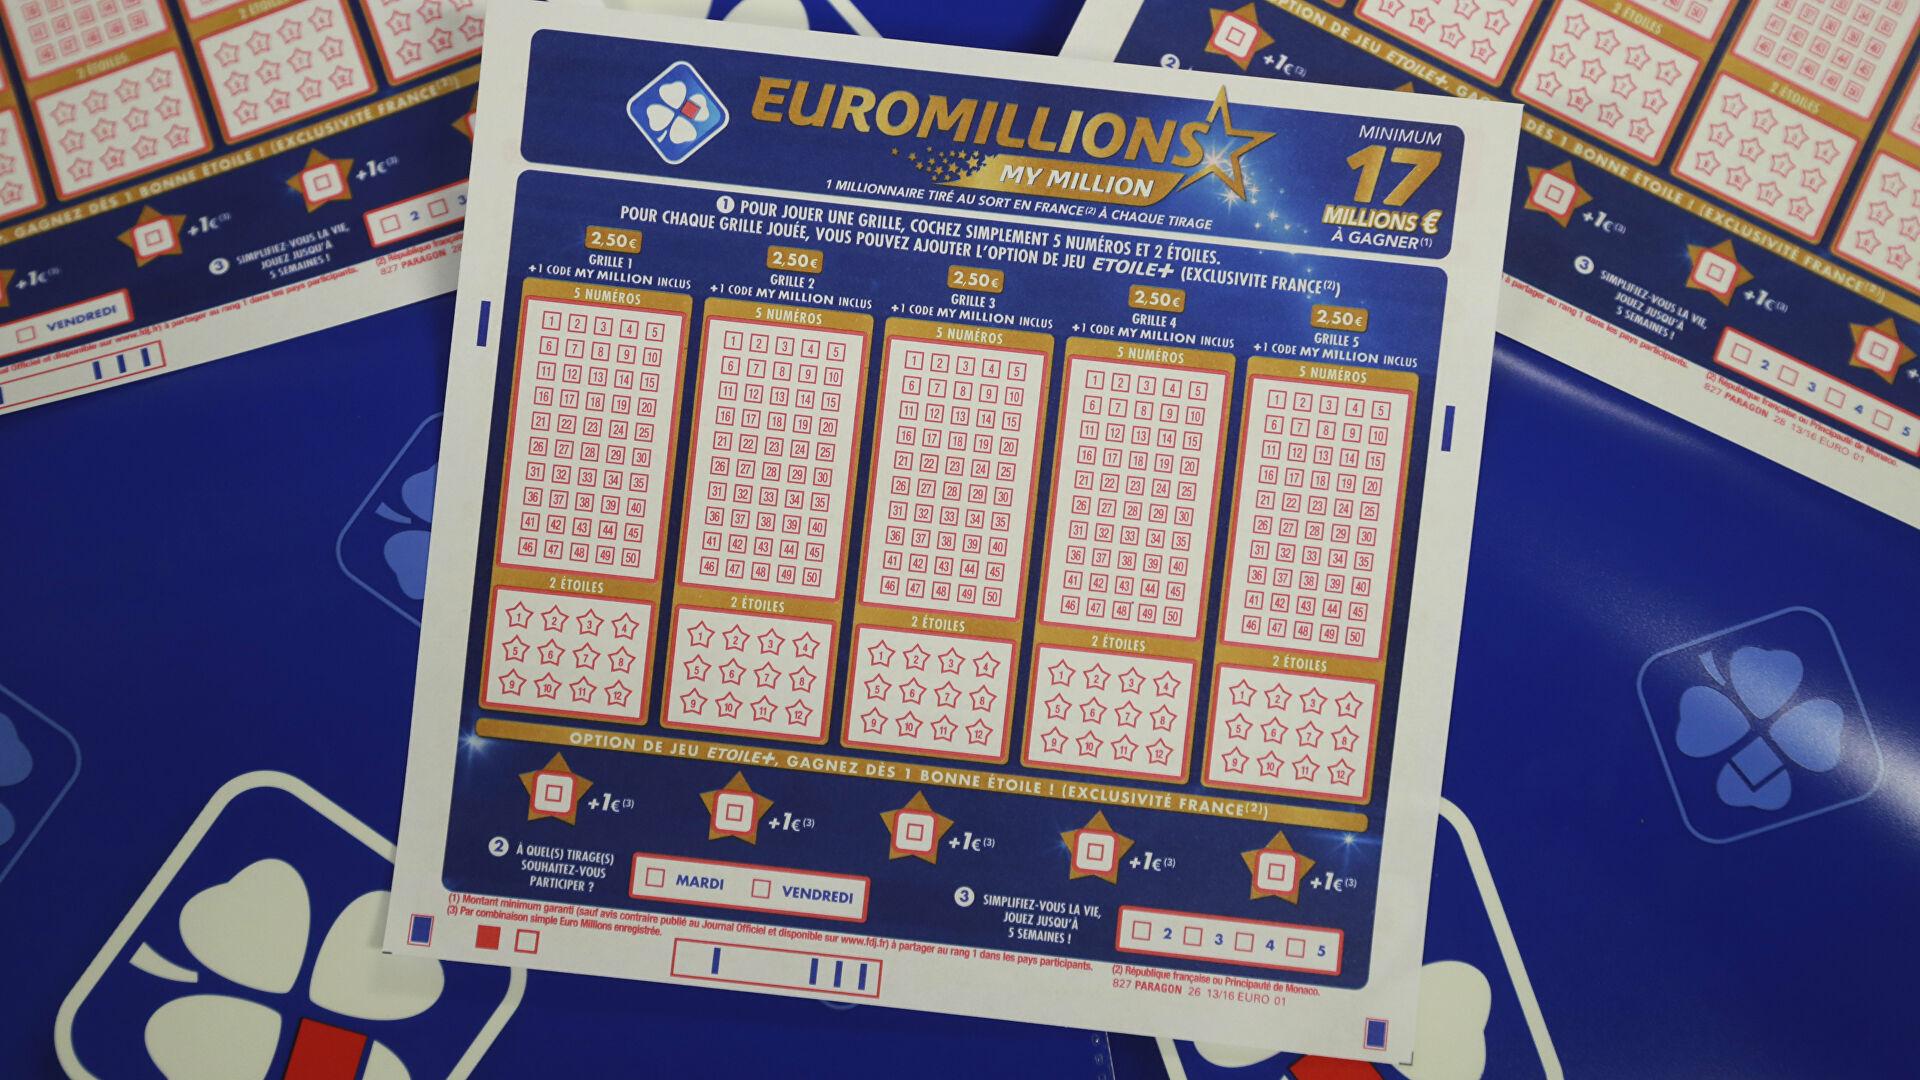 Официальные сайты зарубежных лотерей: пауэрбол, мегамиллионс, евроджекпот, еромиллионс и другие